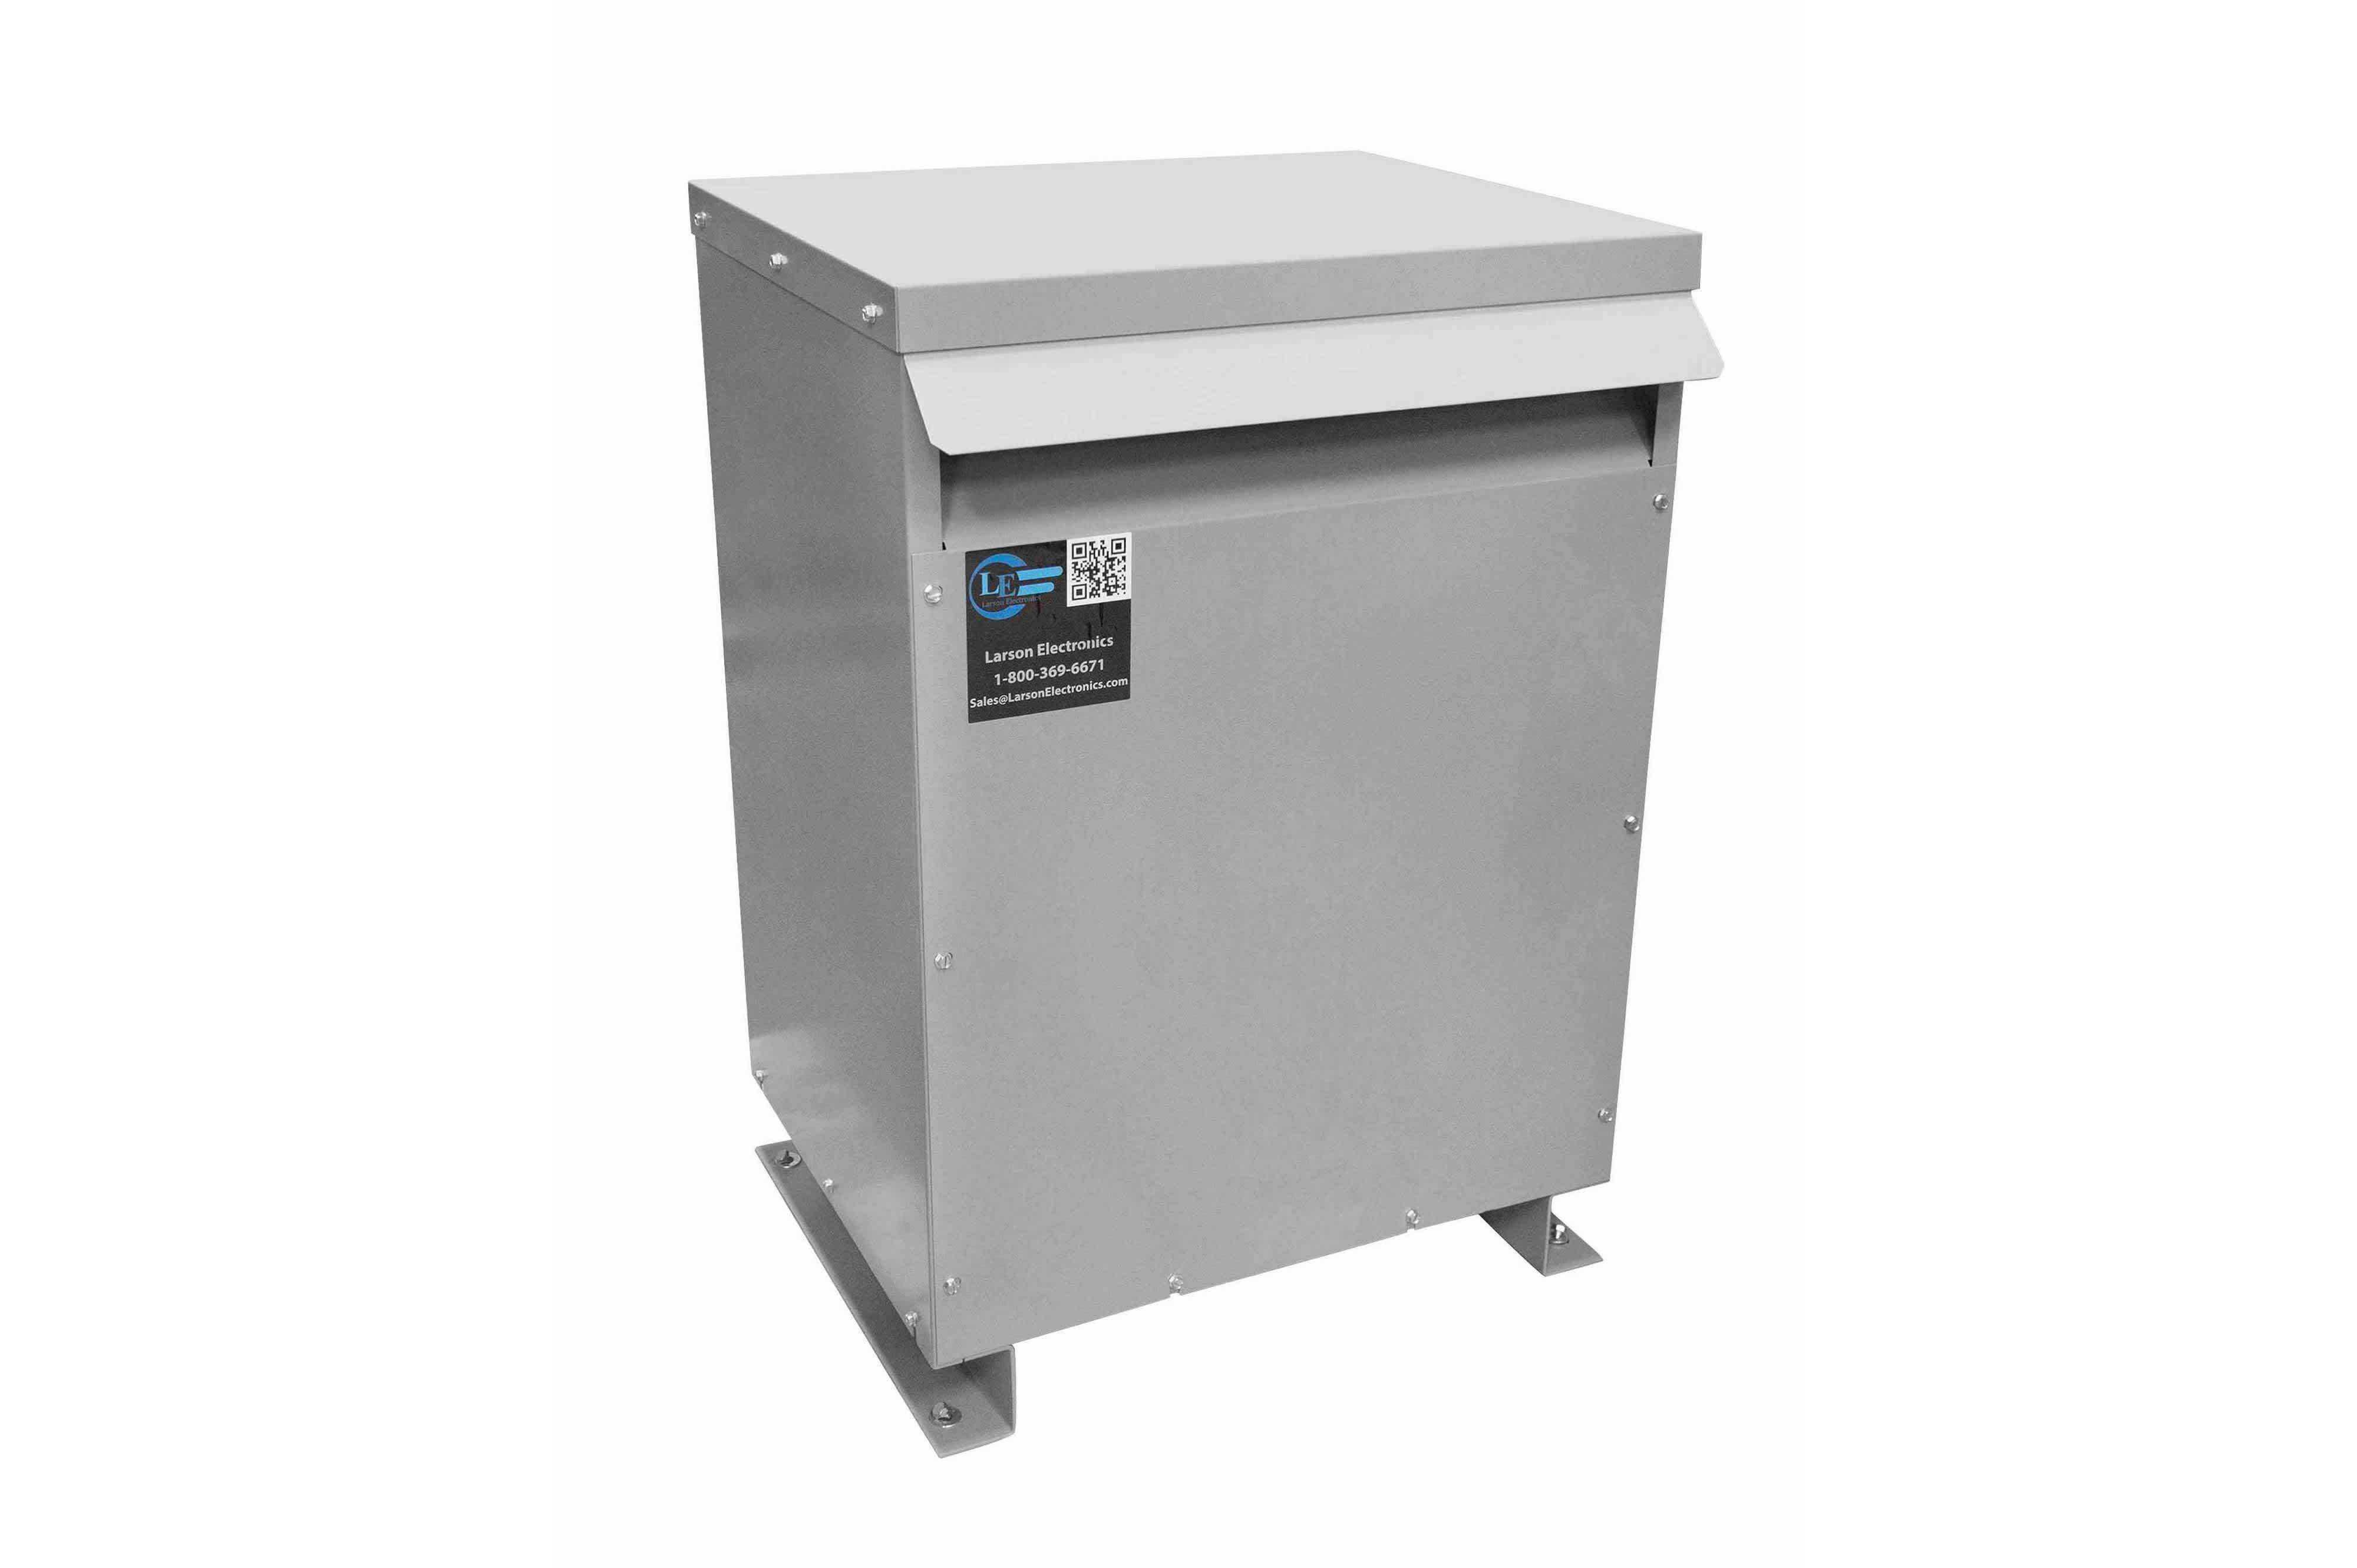 40 kVA 3PH Isolation Transformer, 208V Delta Primary, 600V Delta Secondary, N3R, Ventilated, 60 Hz